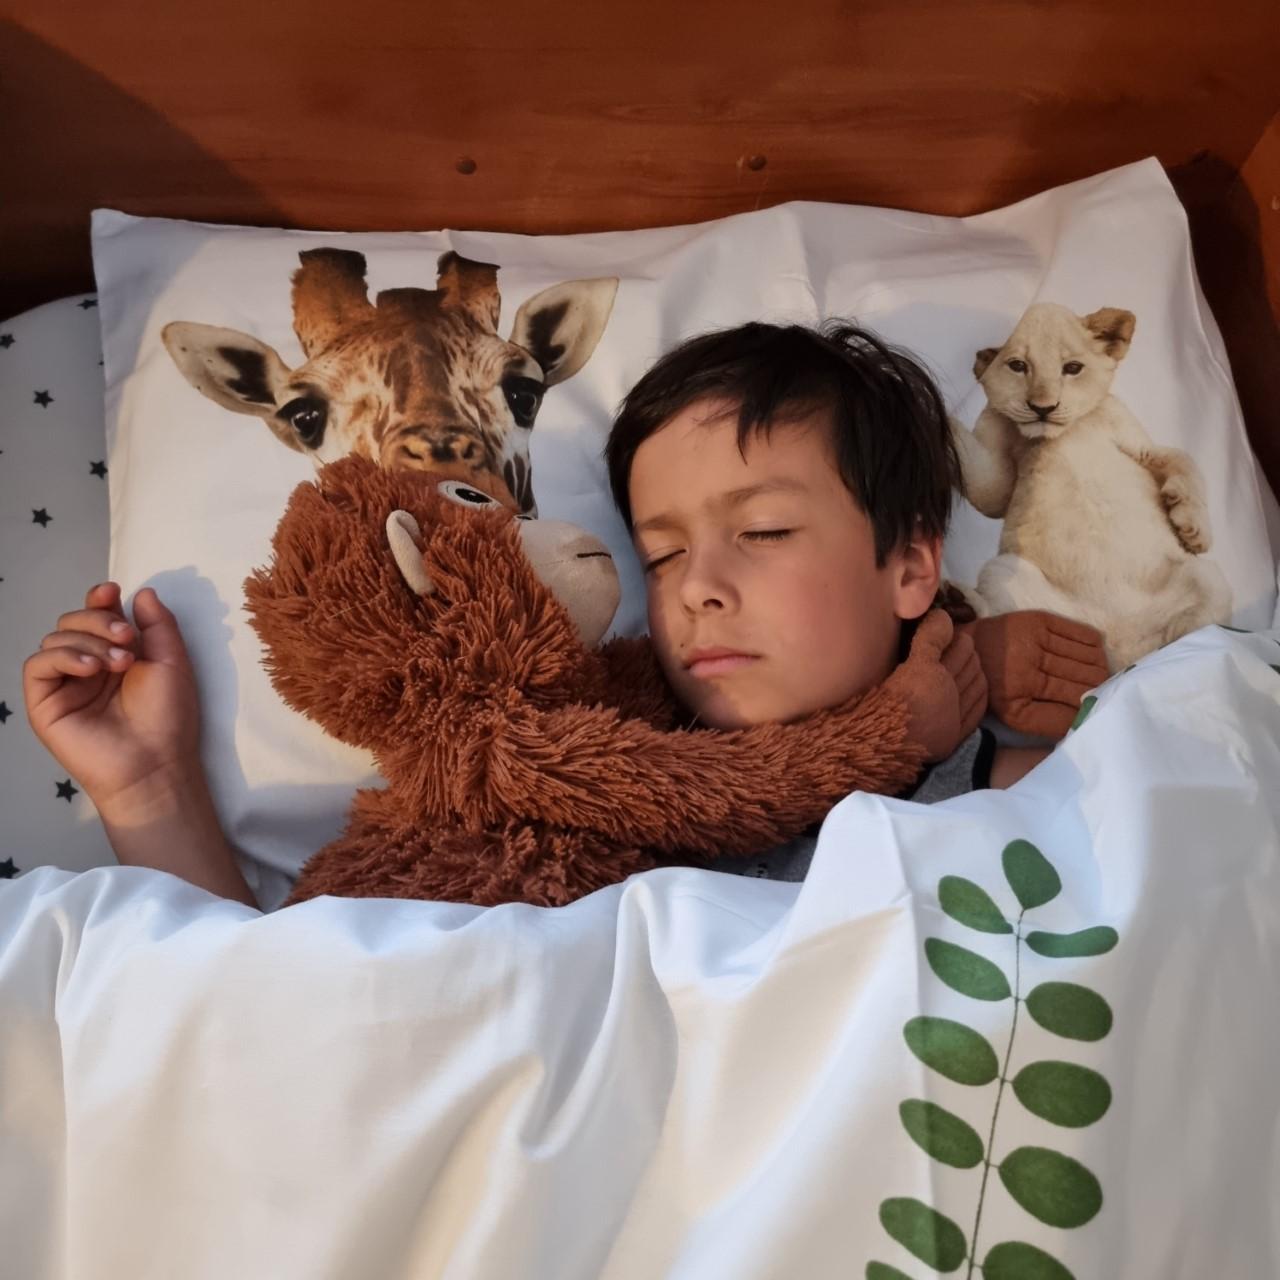 Slapen waardeer je pas echt als je kleine kinderen hebt.